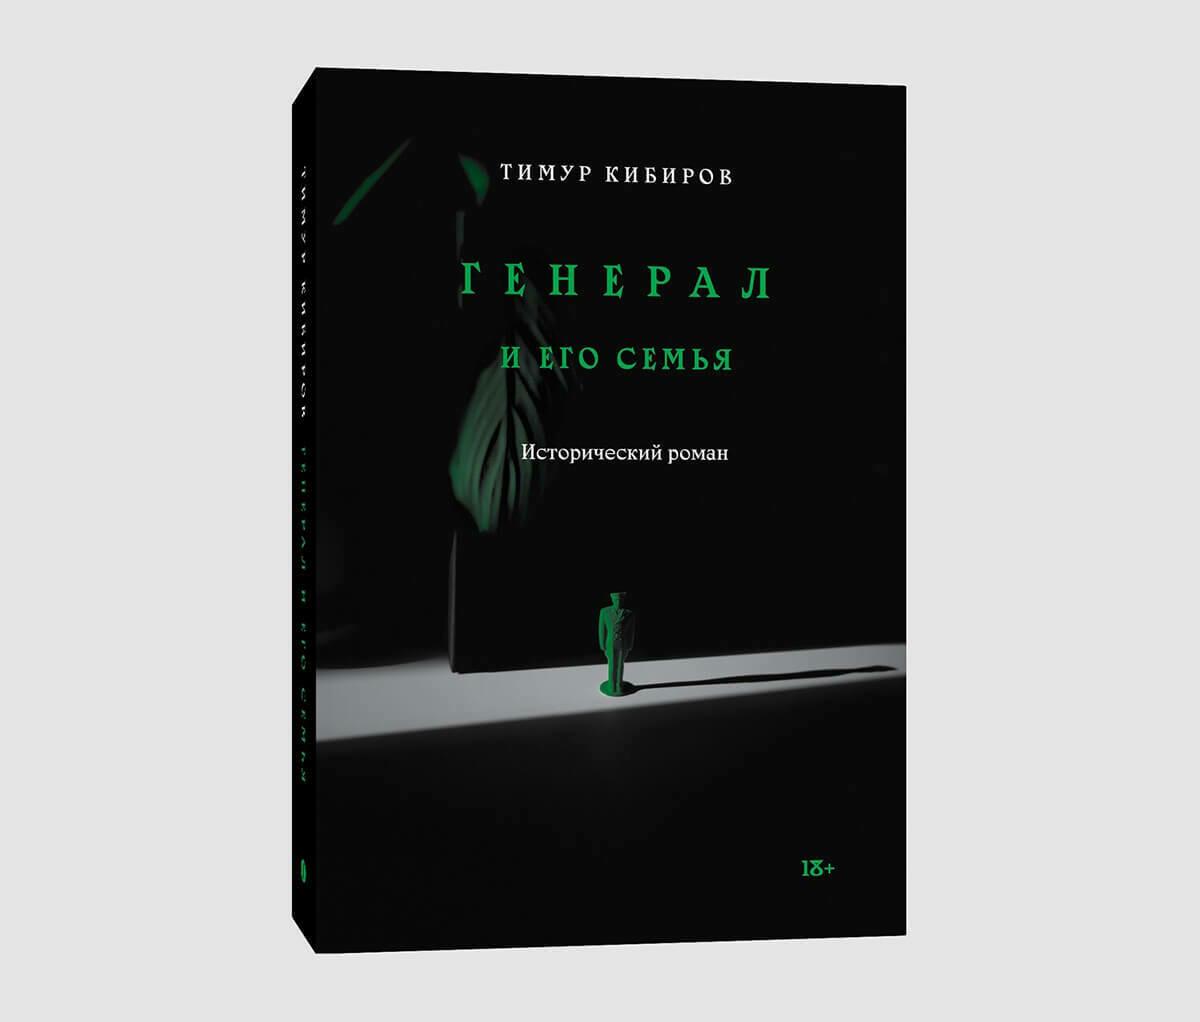 Книга «Генерал и его семья» Тимура Кибирова